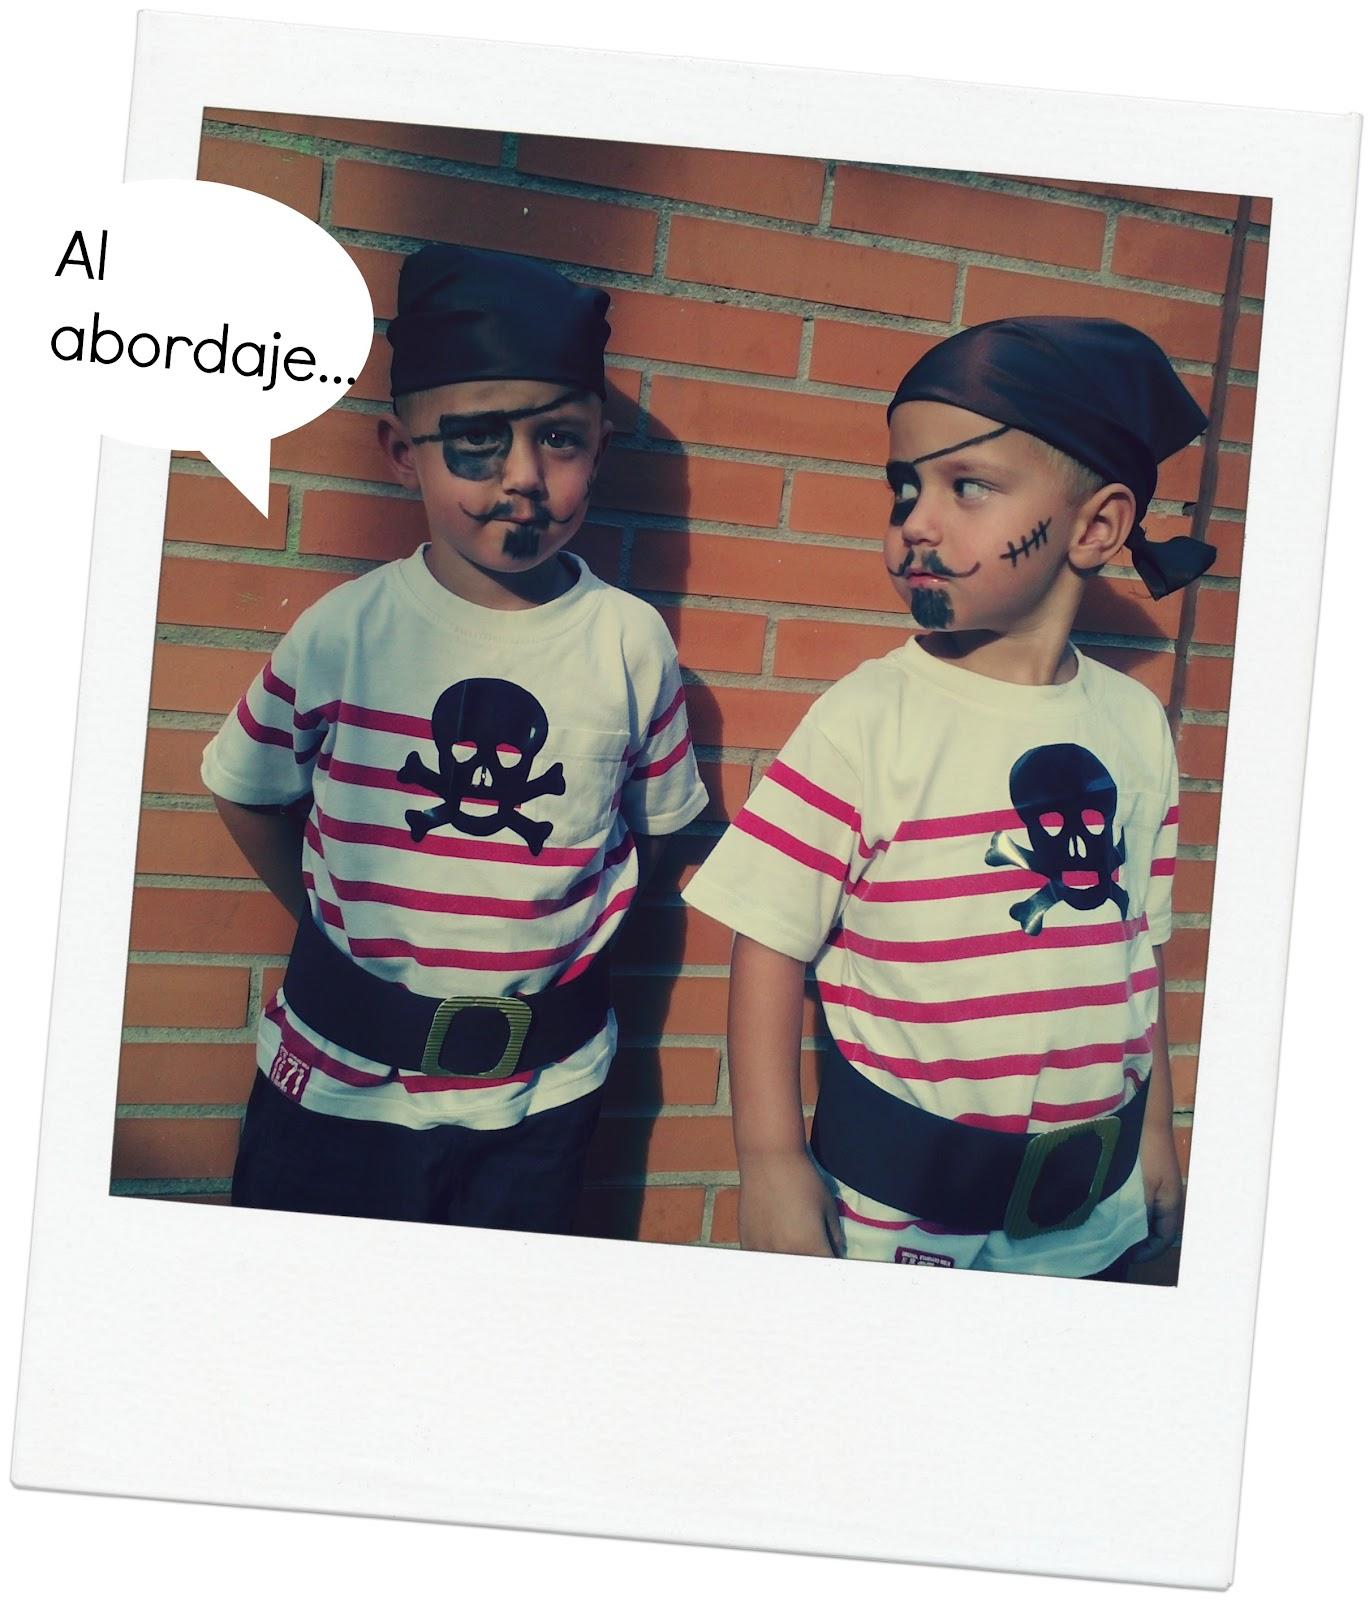 Creando ardiles septiembre 2012 - Casas de disfraces en valencia ...